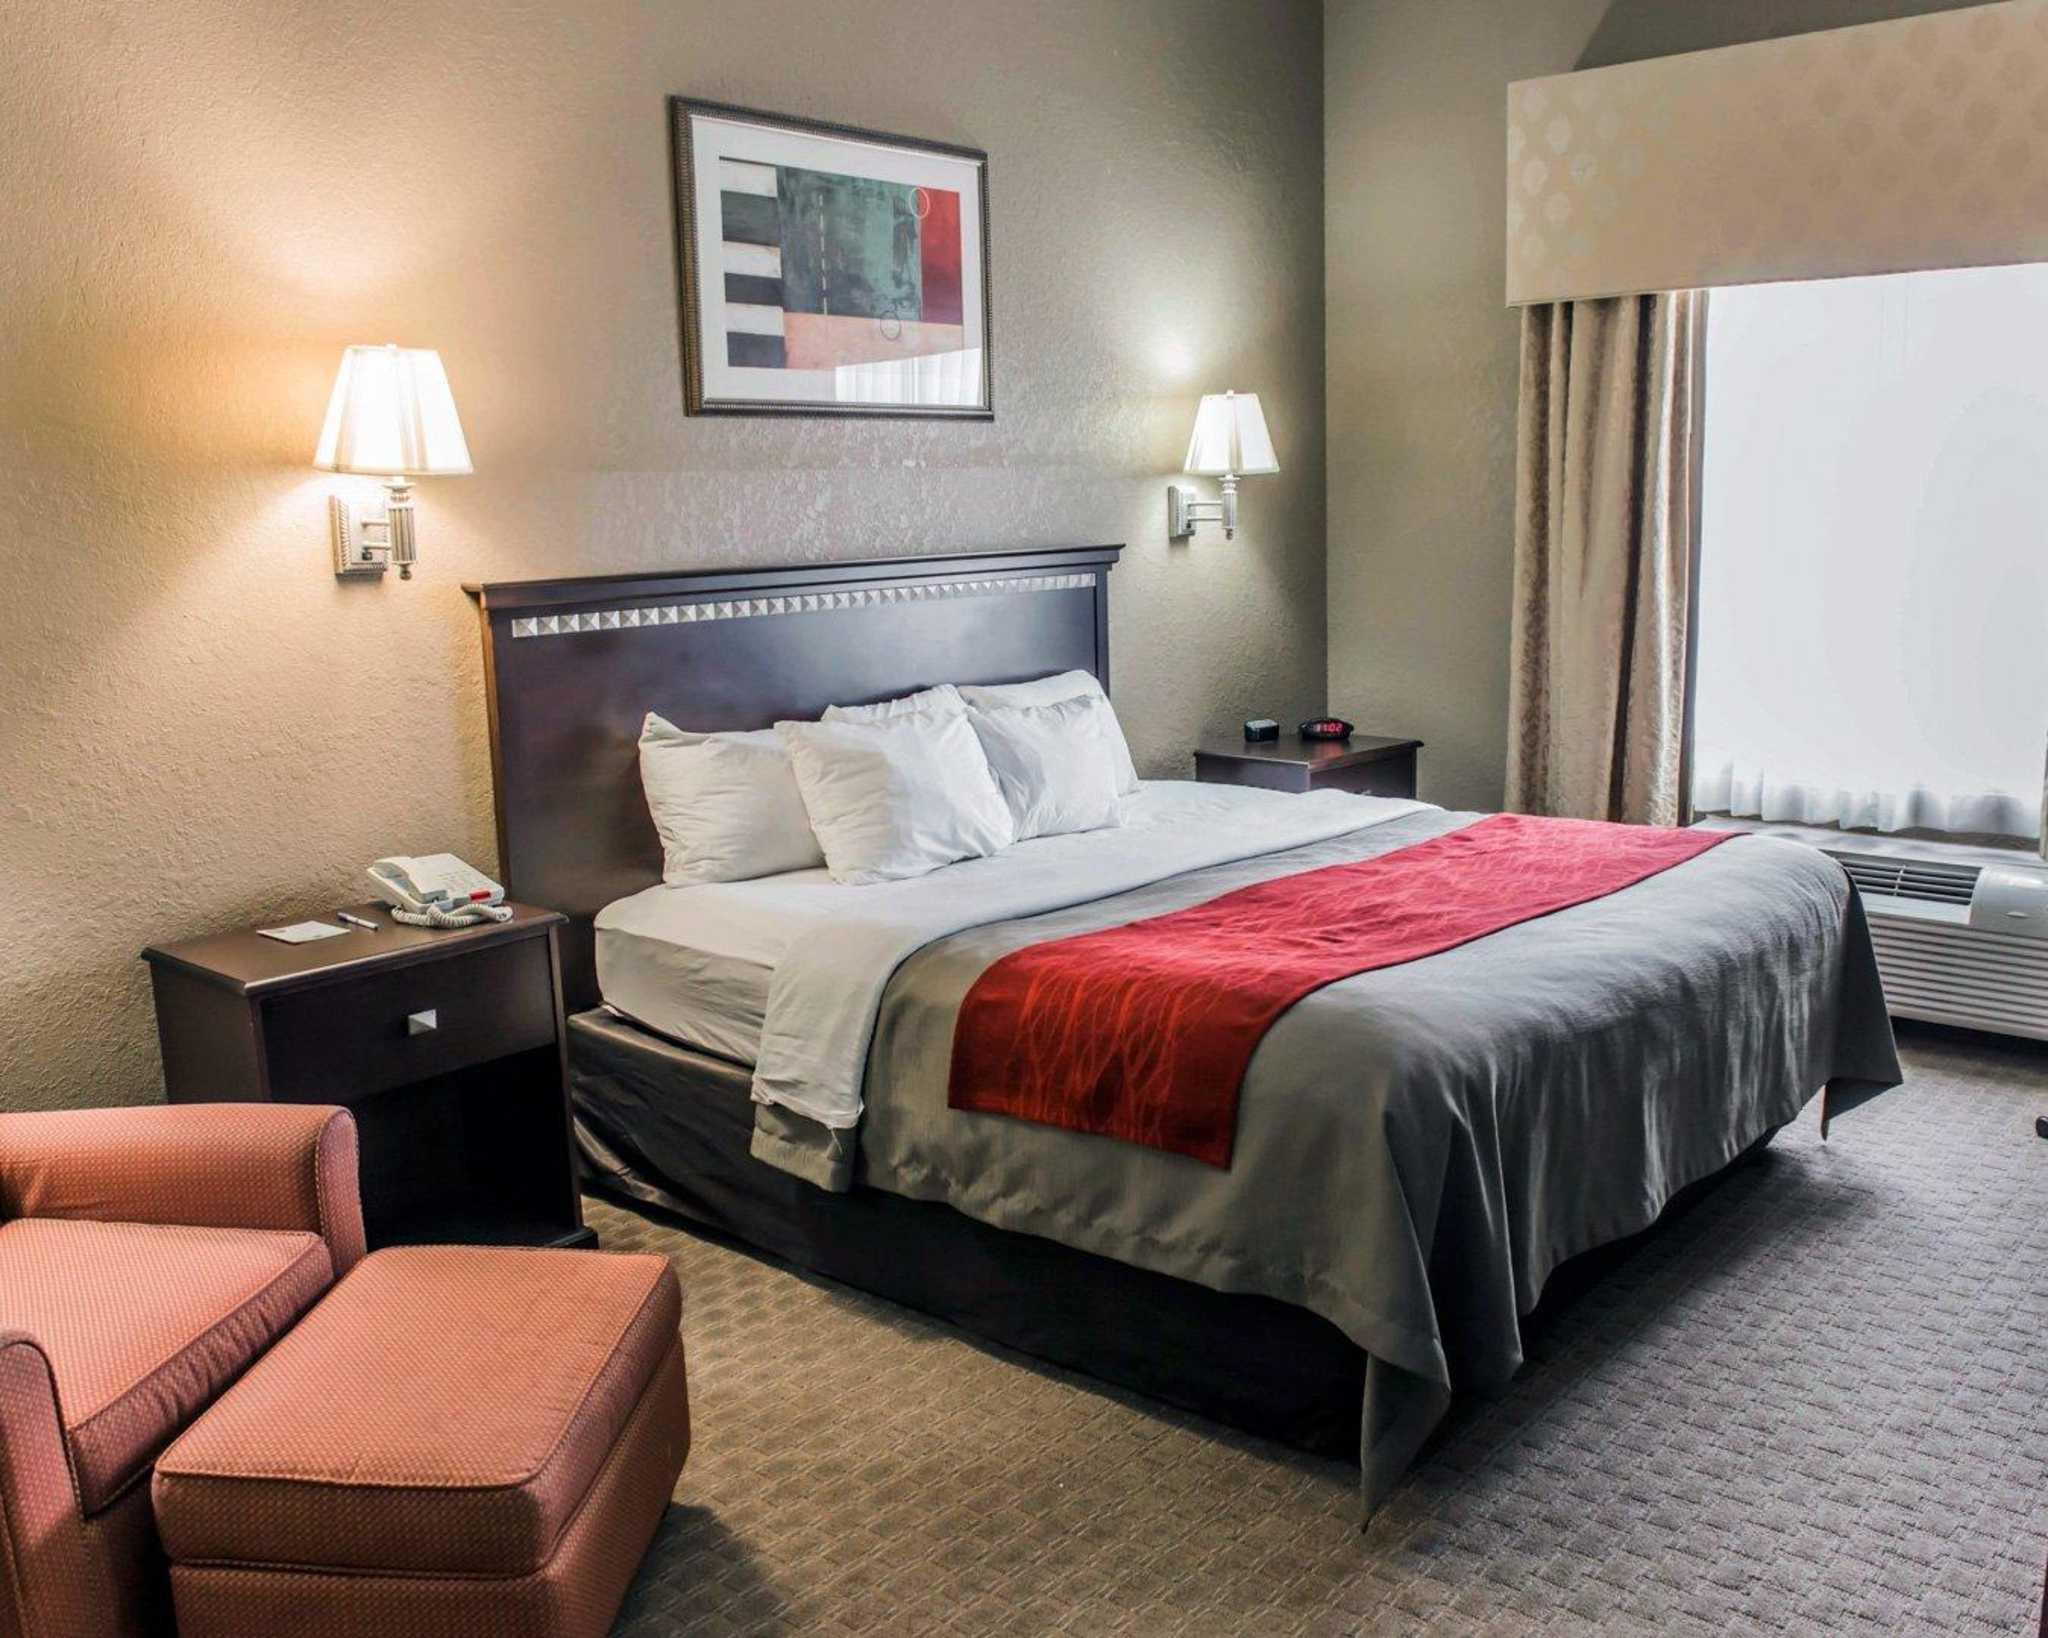 Comfort Inn & Suites Marianna I-10 image 11